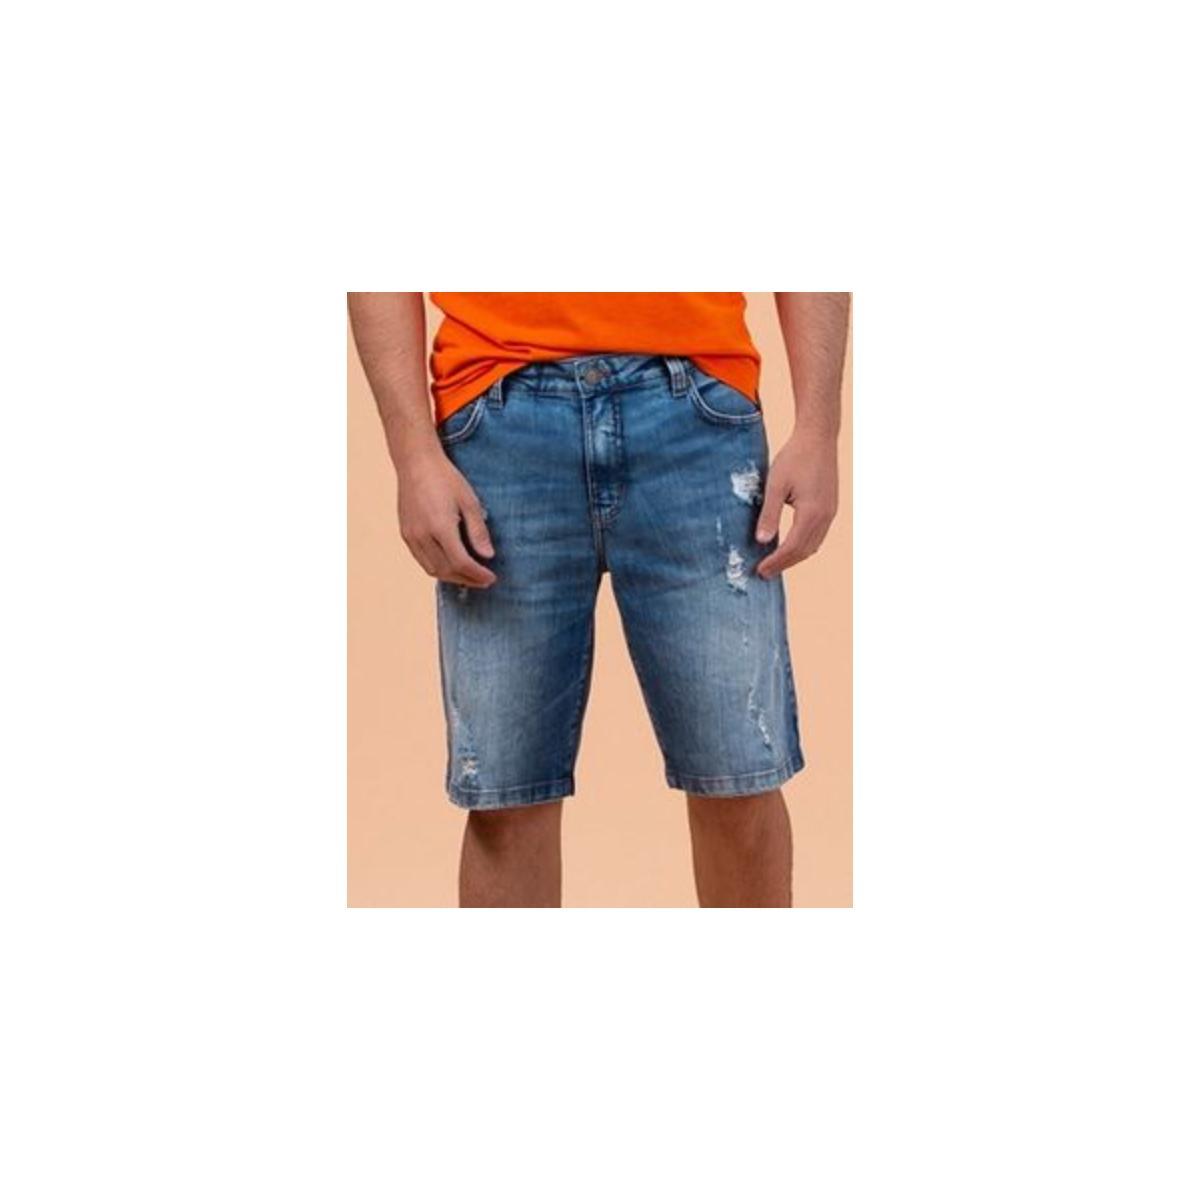 Bermuda Masculina Colcci 30102405 600 Jeans